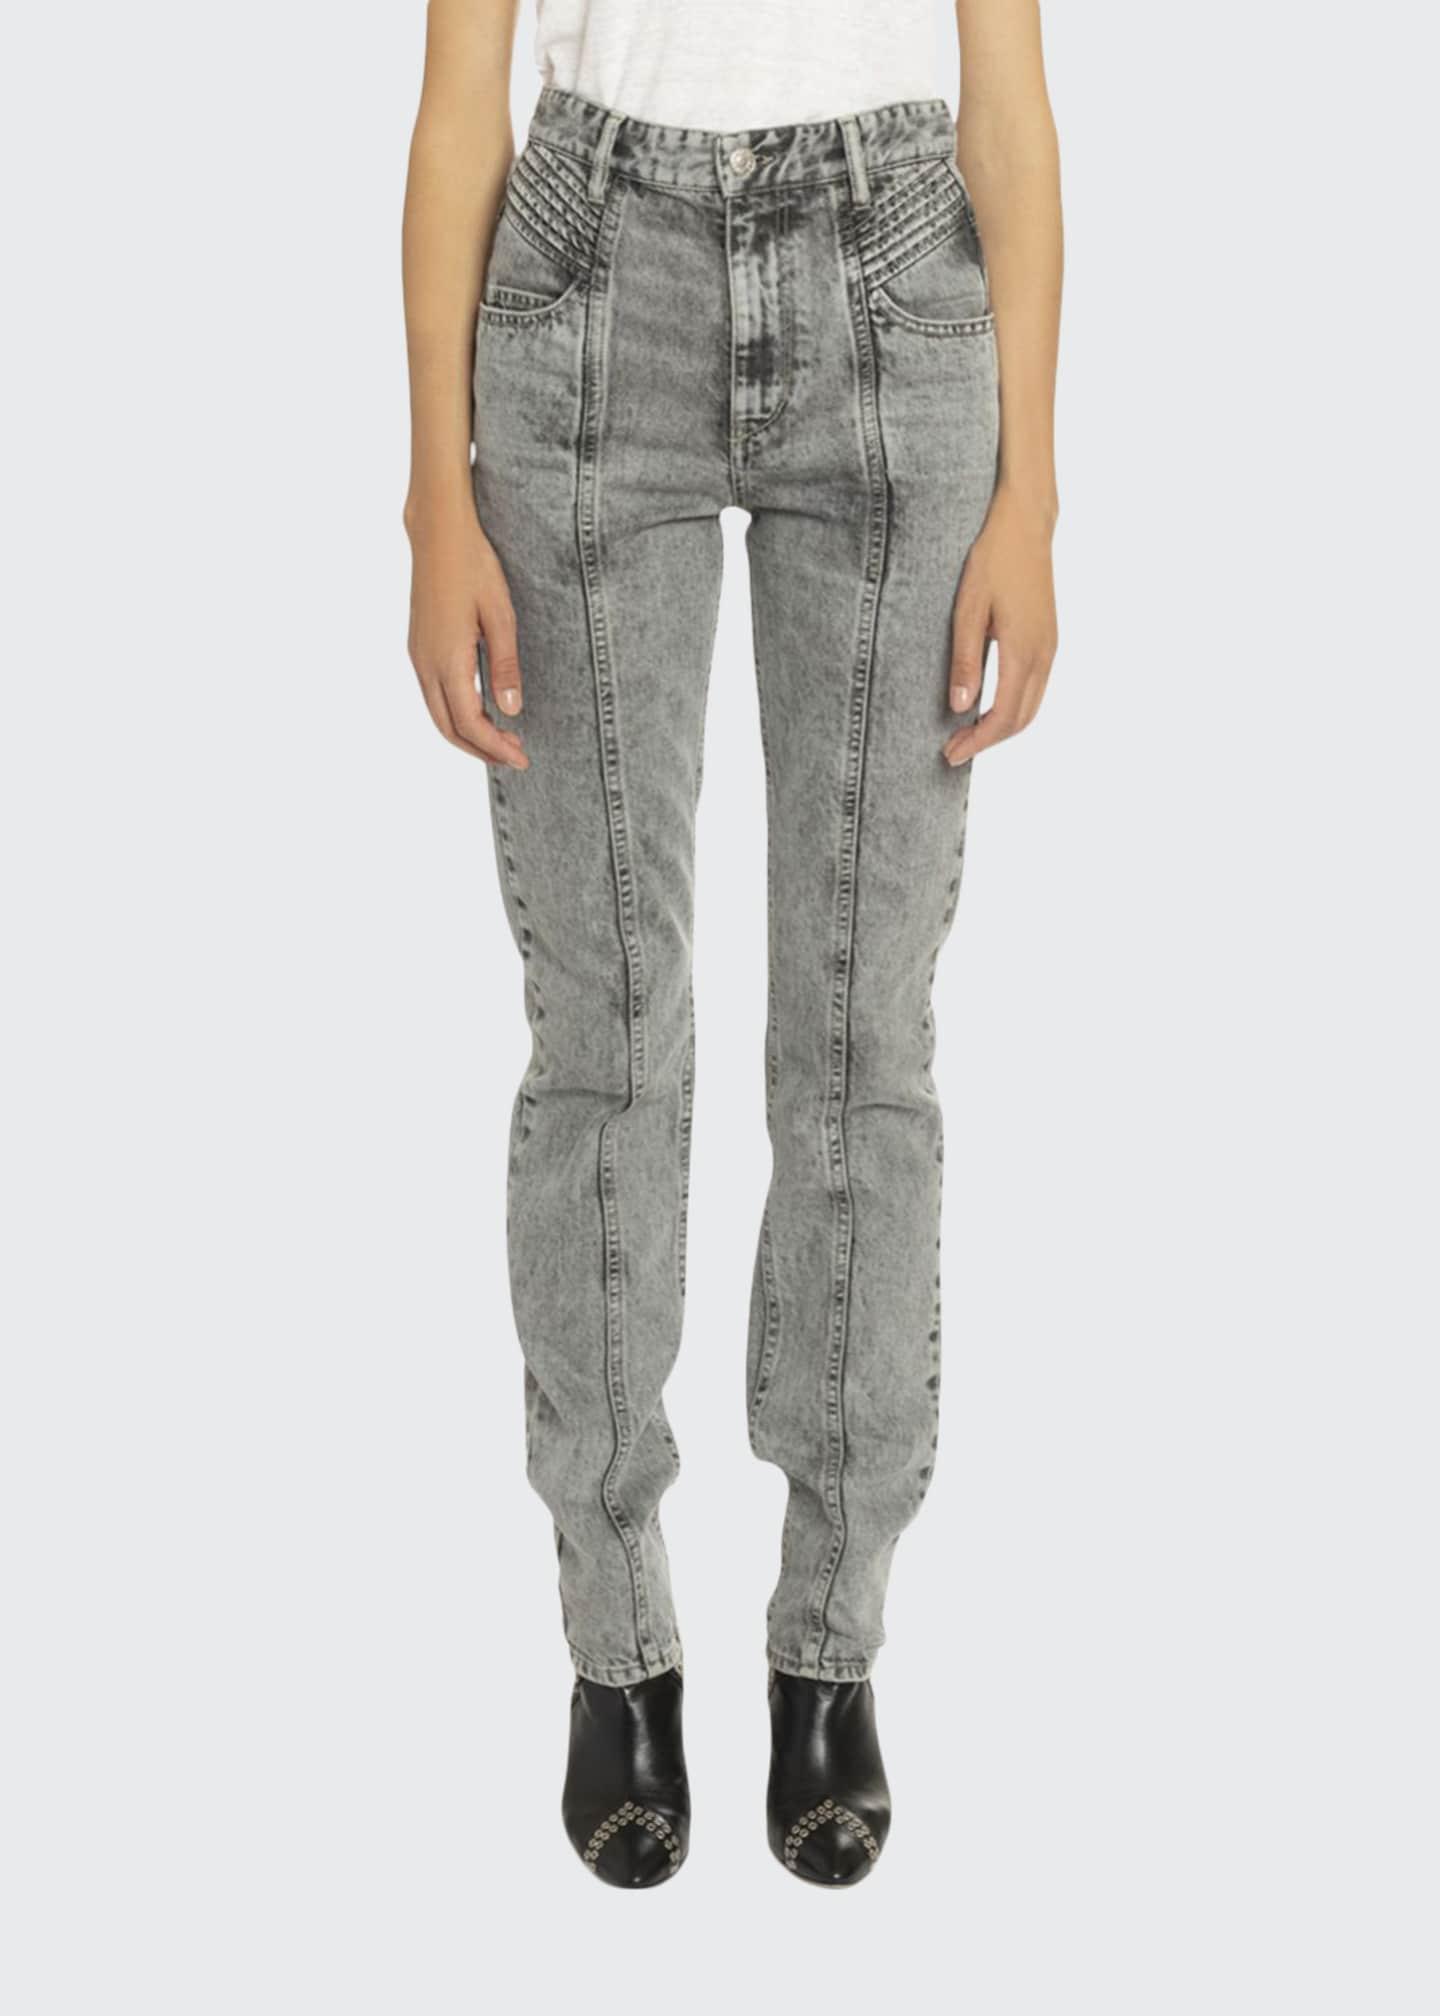 Etoile Isabel Marant Hominy Acid-Washed Moto Jeans